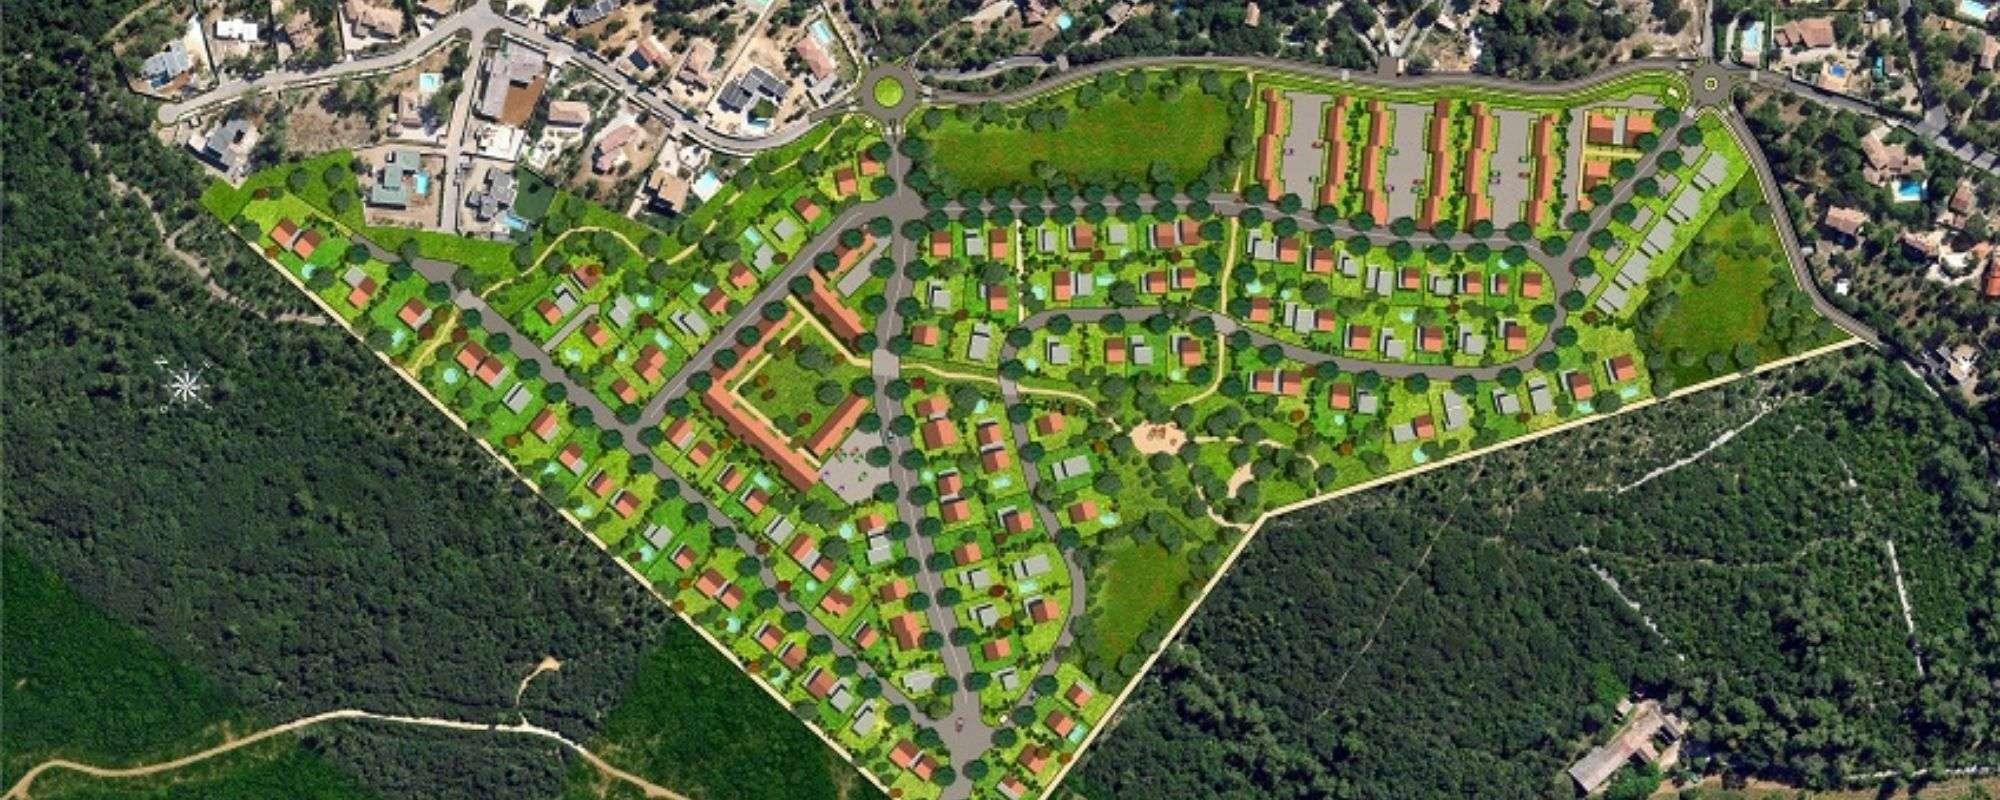 Terrain-à-bâtir-GGL-Nimes-les-roches-blanches (2)